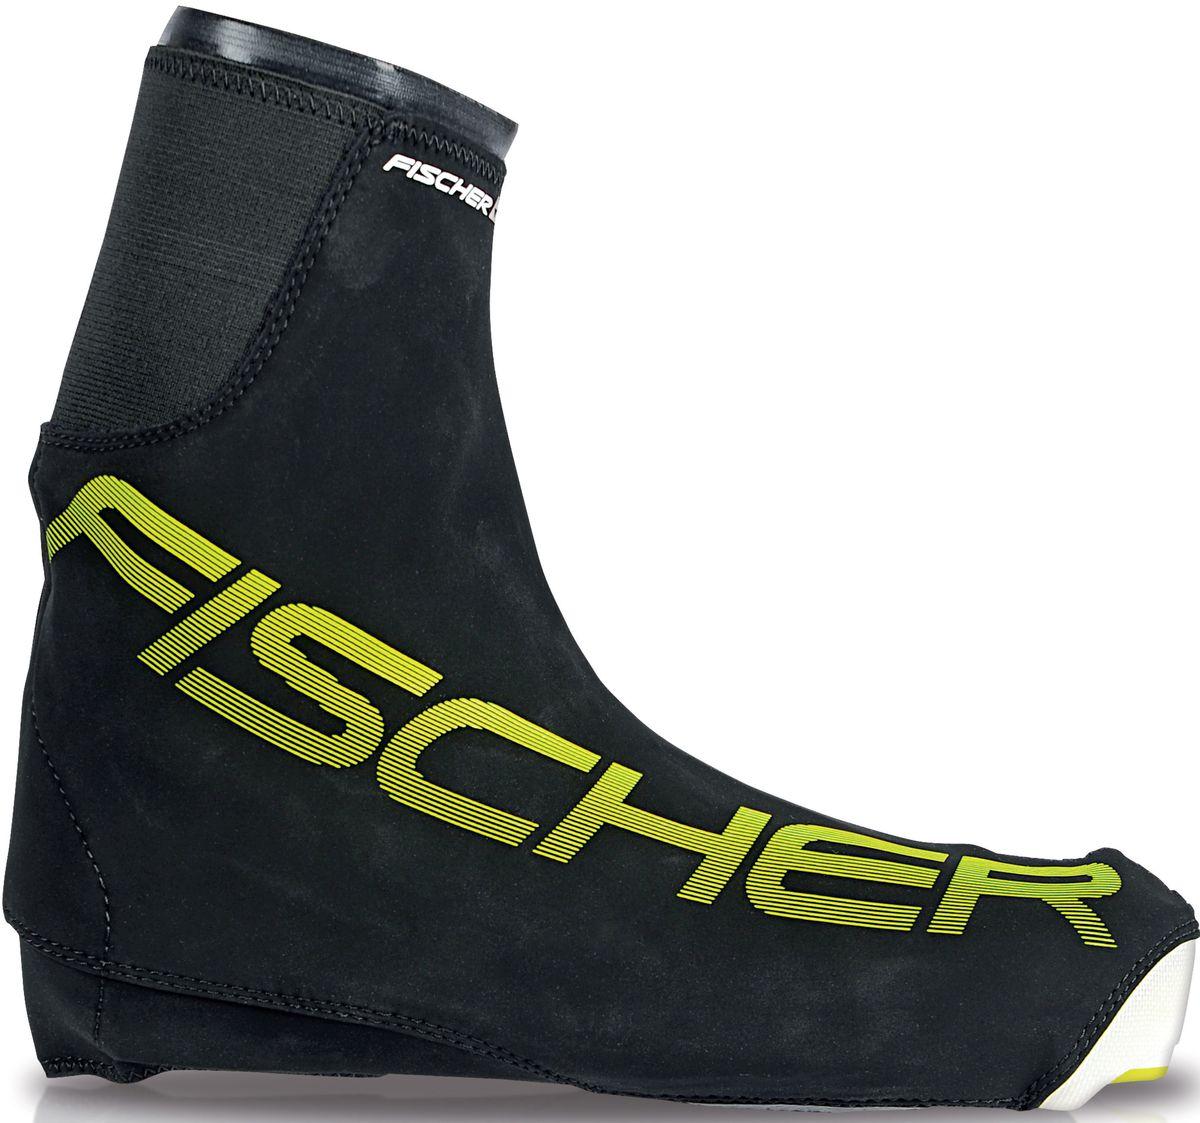 """Чехлы для лыжных ботинок Fischer """"Bootcover Race"""", размер M. S43115"""